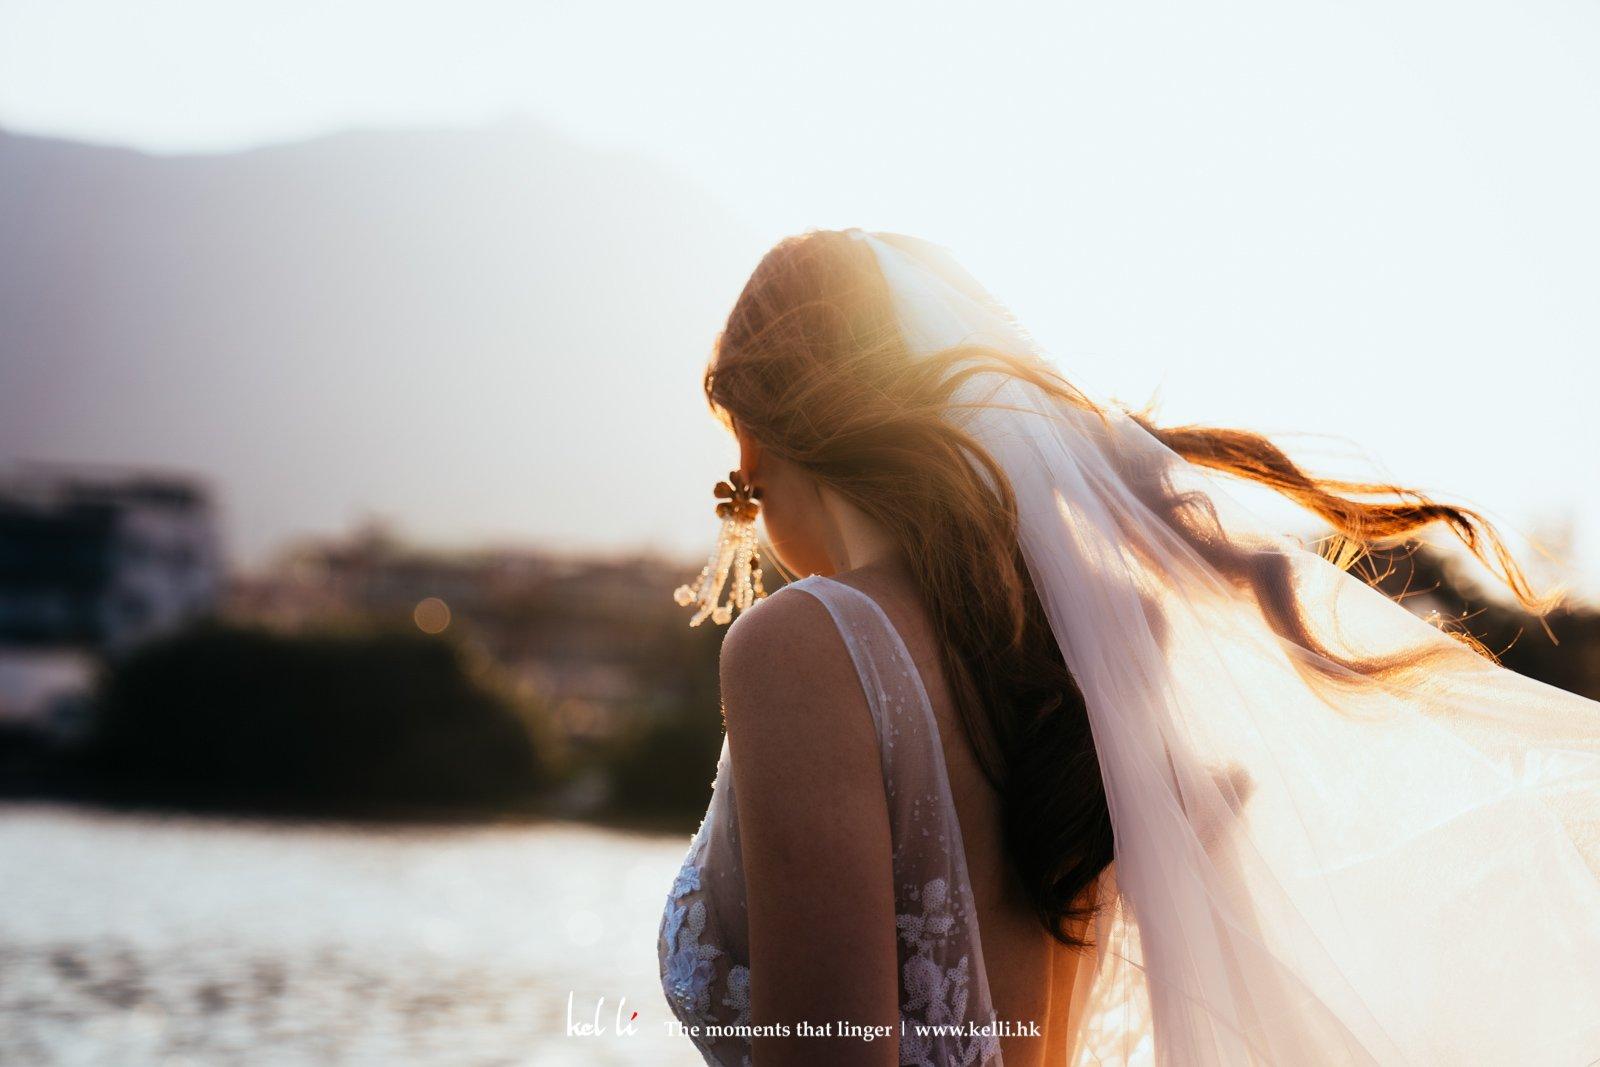 户外婚禮好處是可以盡情享受陽光的灑禮呢